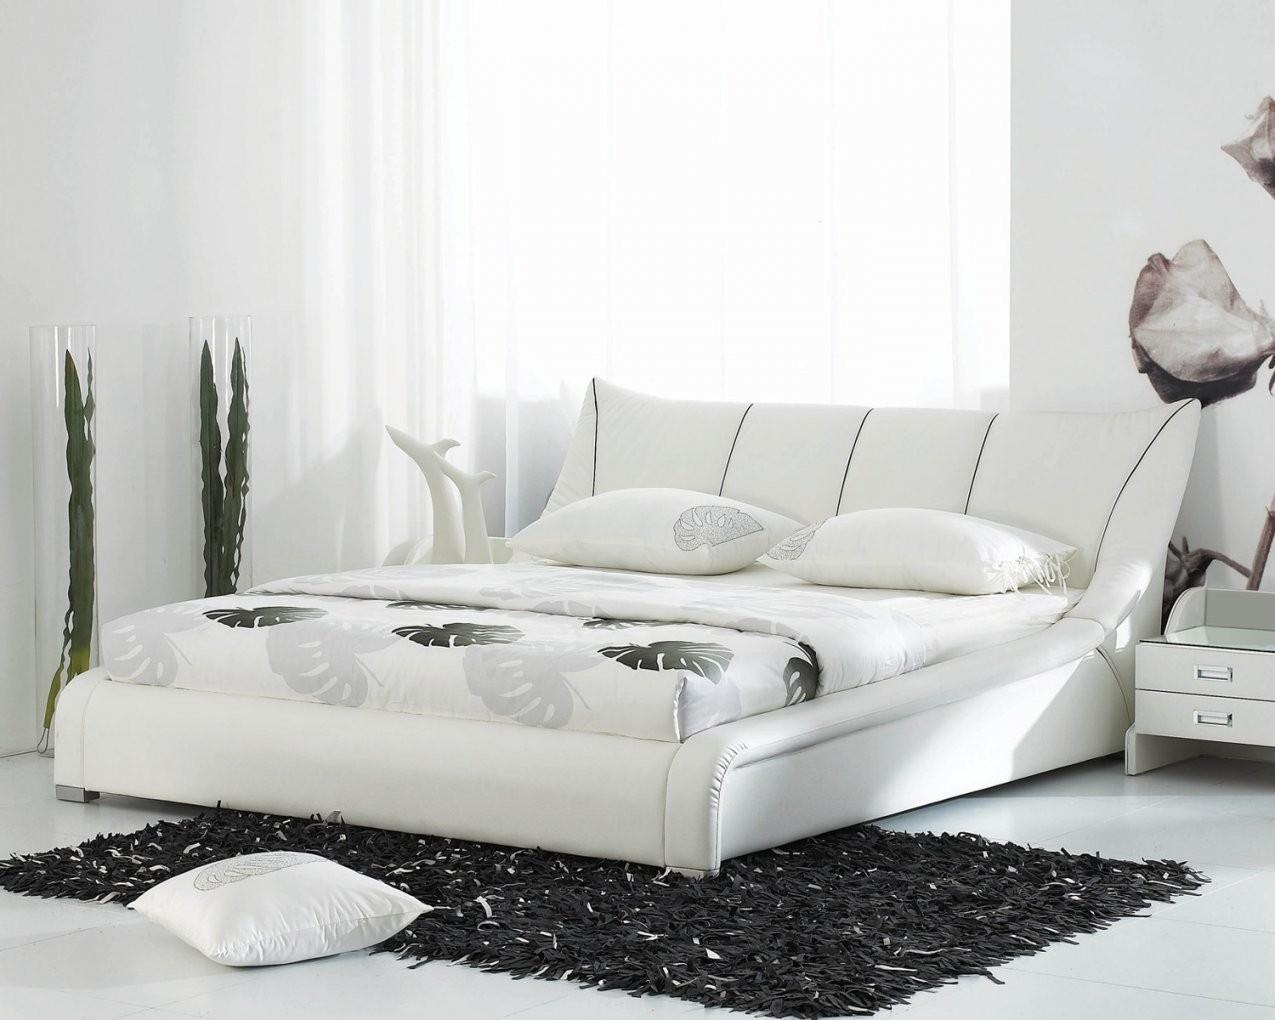 Ausgezeichnet Bett 180X200 Mit Lattenrost Und Matratze Architektur von Bett 180X200 Komplett Mit Lattenrost Und Matratze Photo